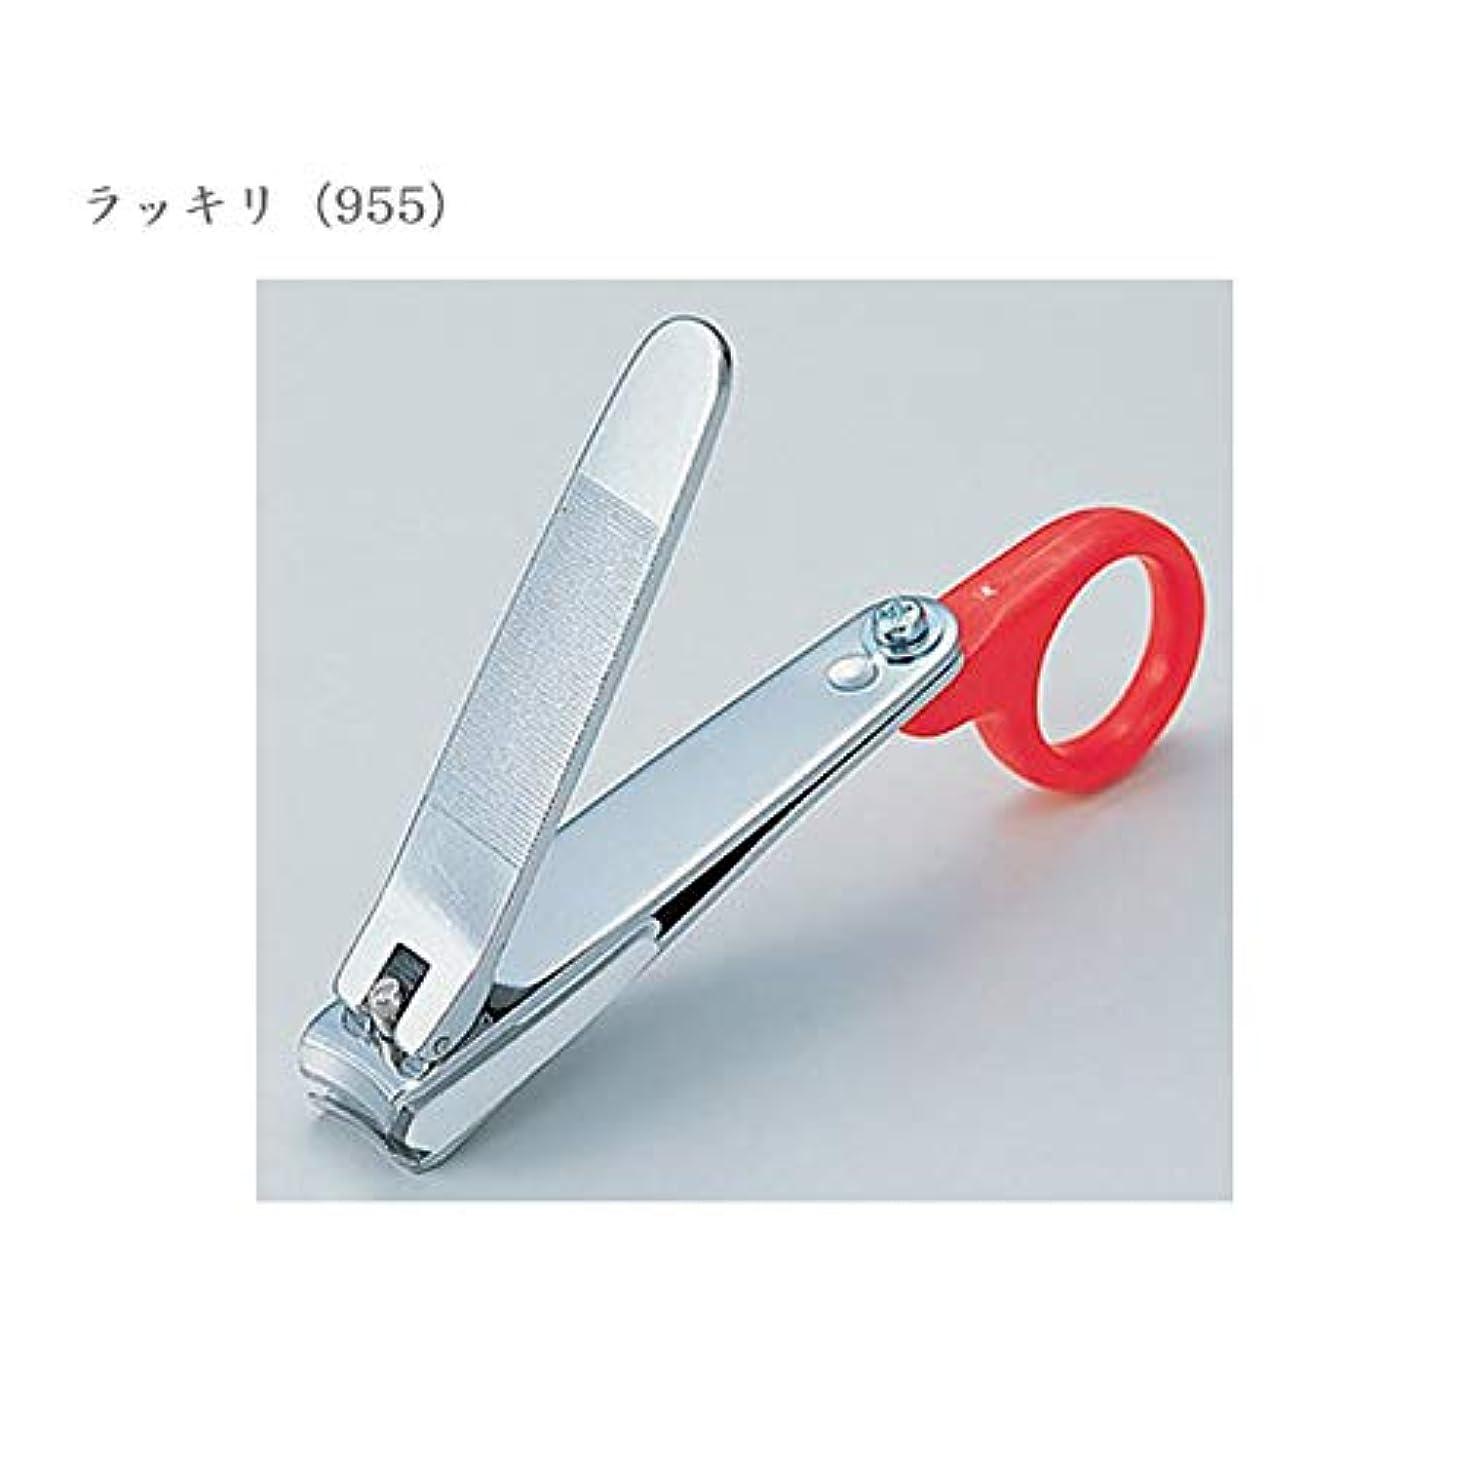 既に影響する寄付ラッキリ(955) シクロケア 爪切り 爪飛び防止 安全